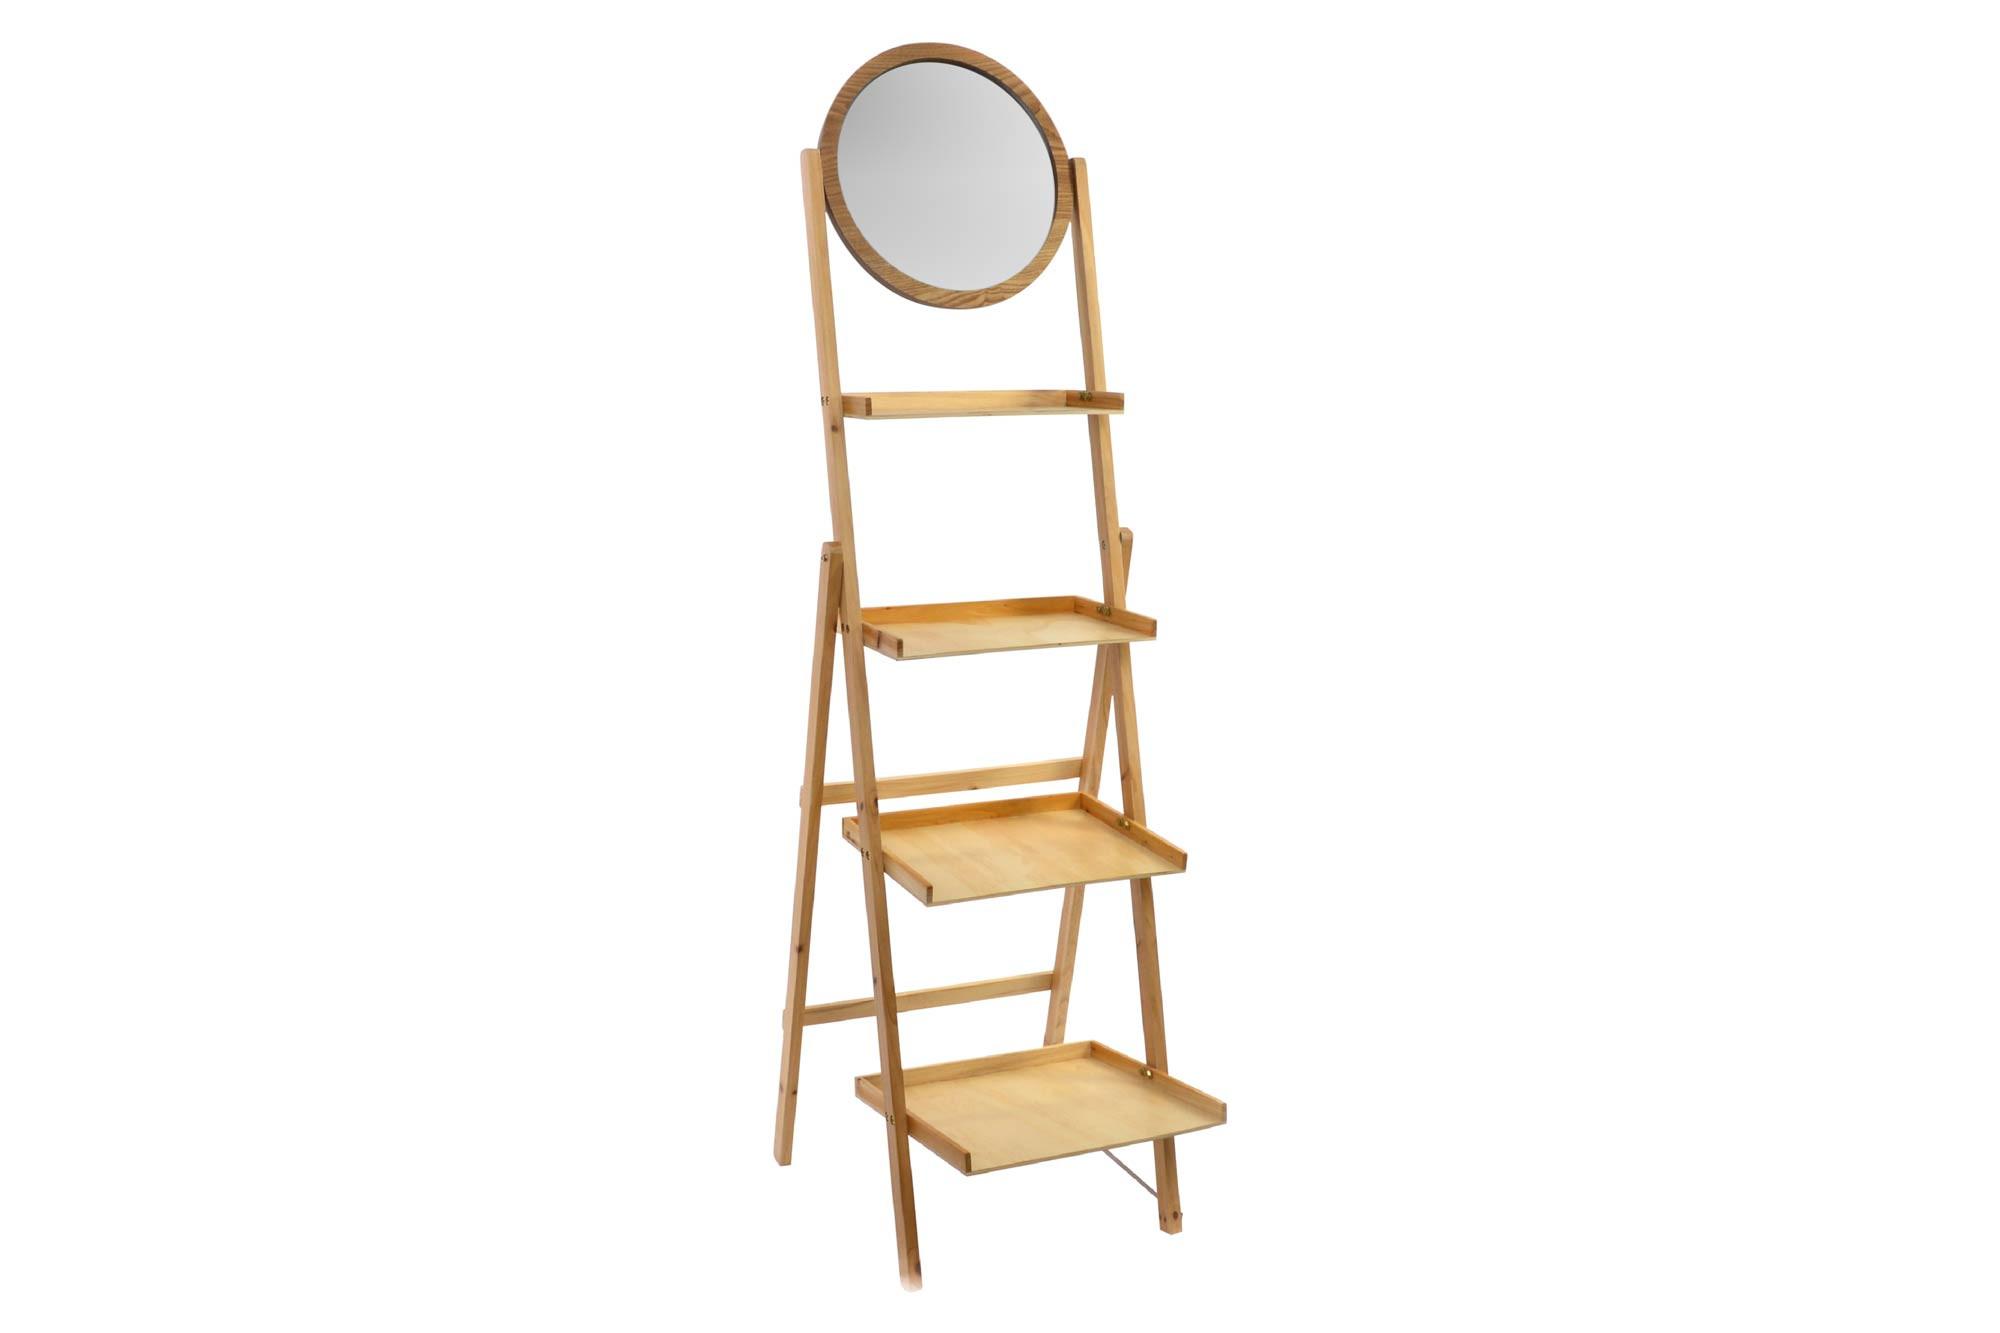 Estantería con Espejo de 4 Estantes, realizada en Madera Natural. Diseño Ergonómico/Bassic (175cm X 47,5cm X 38cm) - Hogar y Más